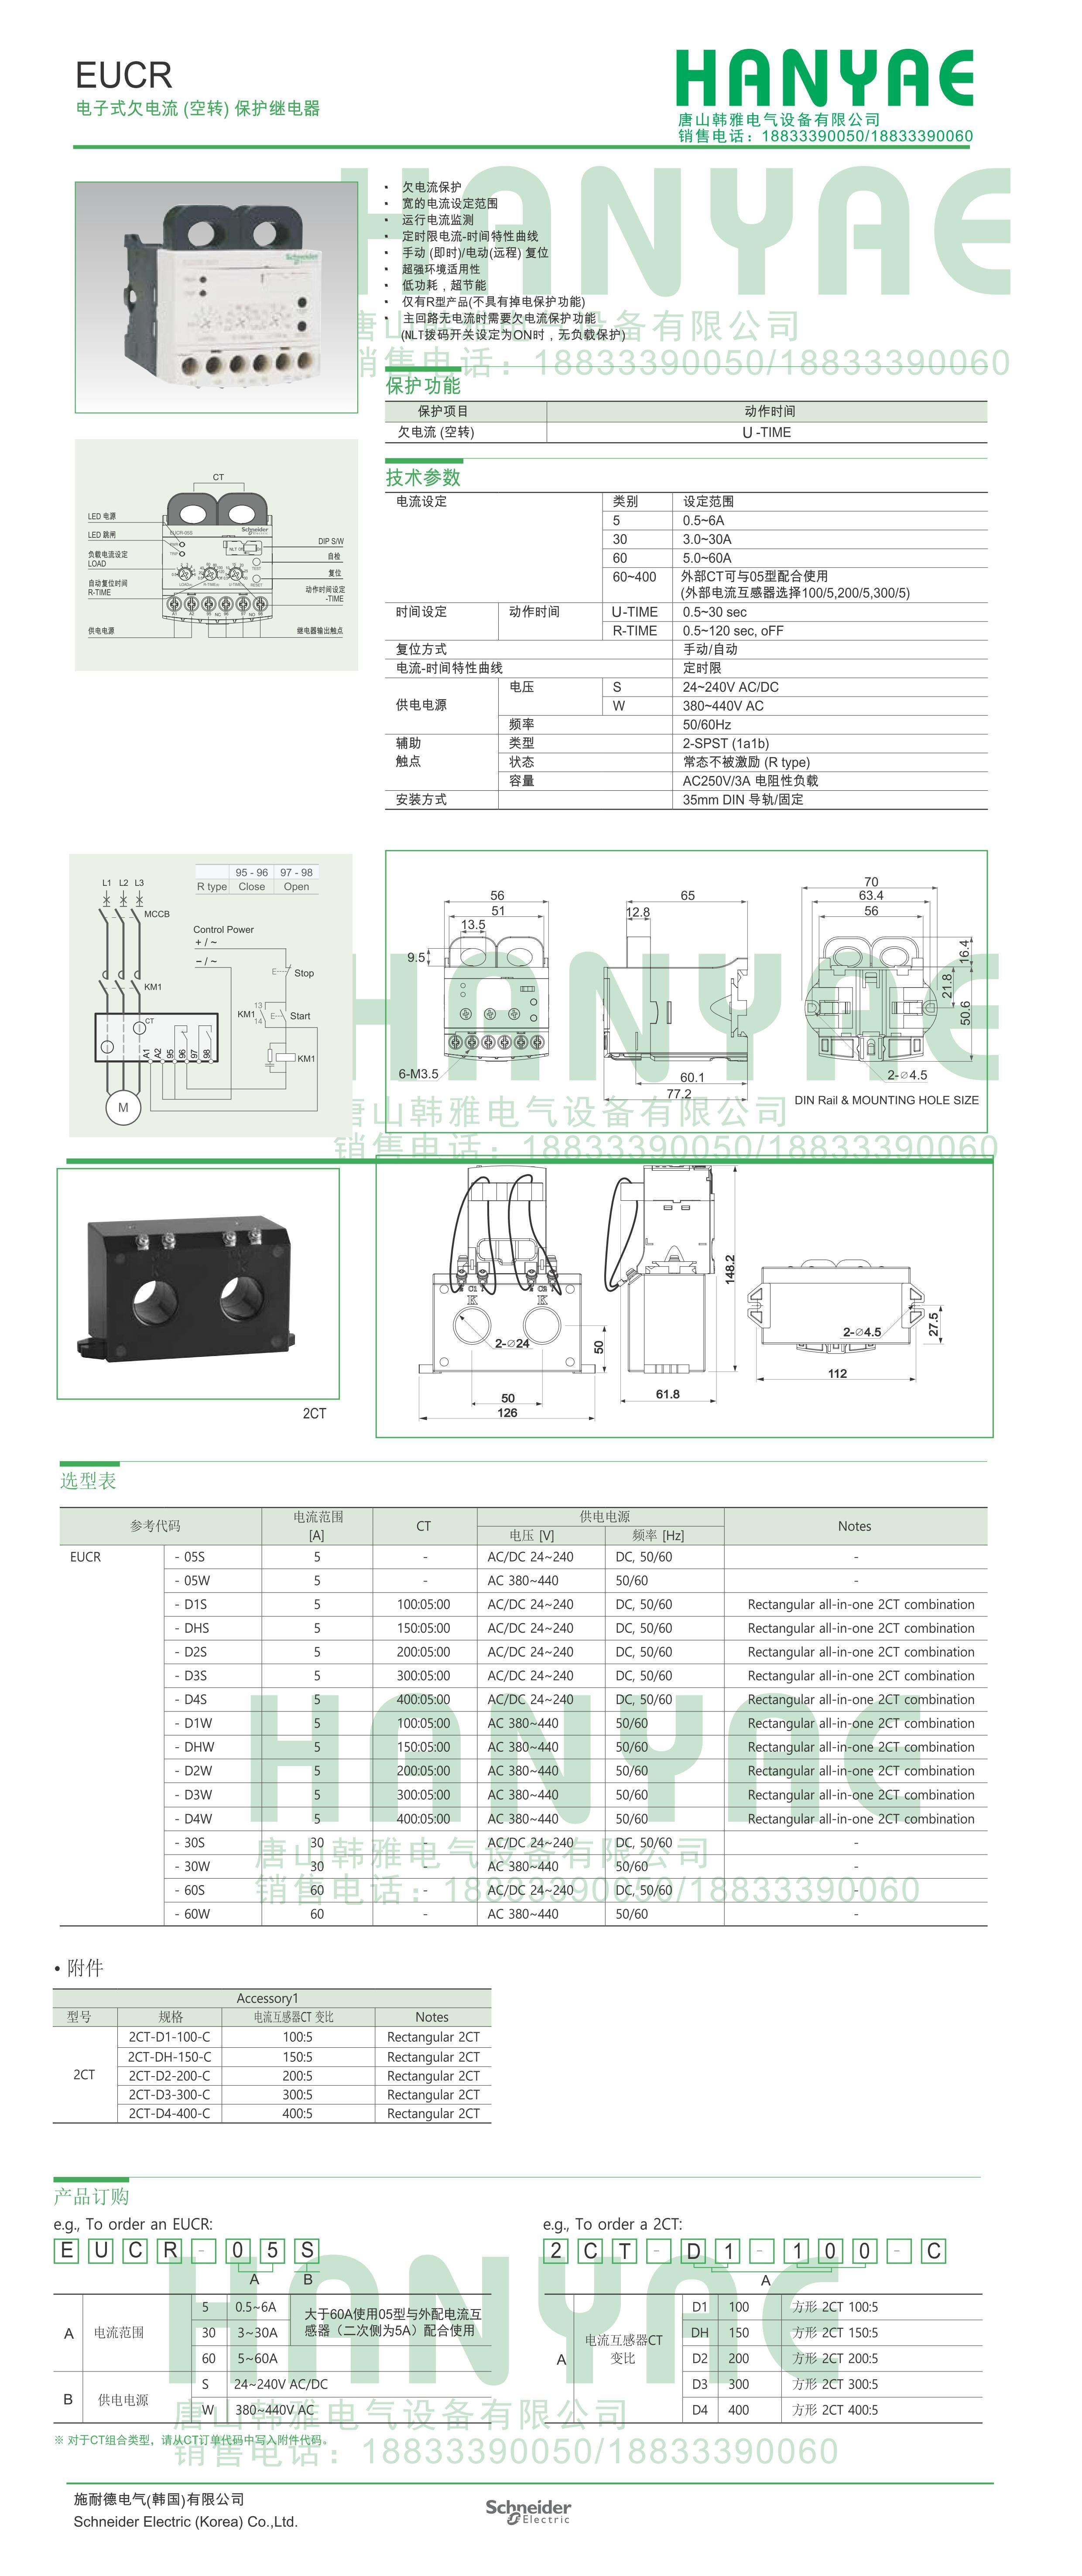 施耐德EOCR(原韩国三和)-经济型马达保护器EUCR-05S(欠电流) 欠电流保护器,马达保护器,韩国三和SAMWHA,韩国施耐德,施耐德EOCR